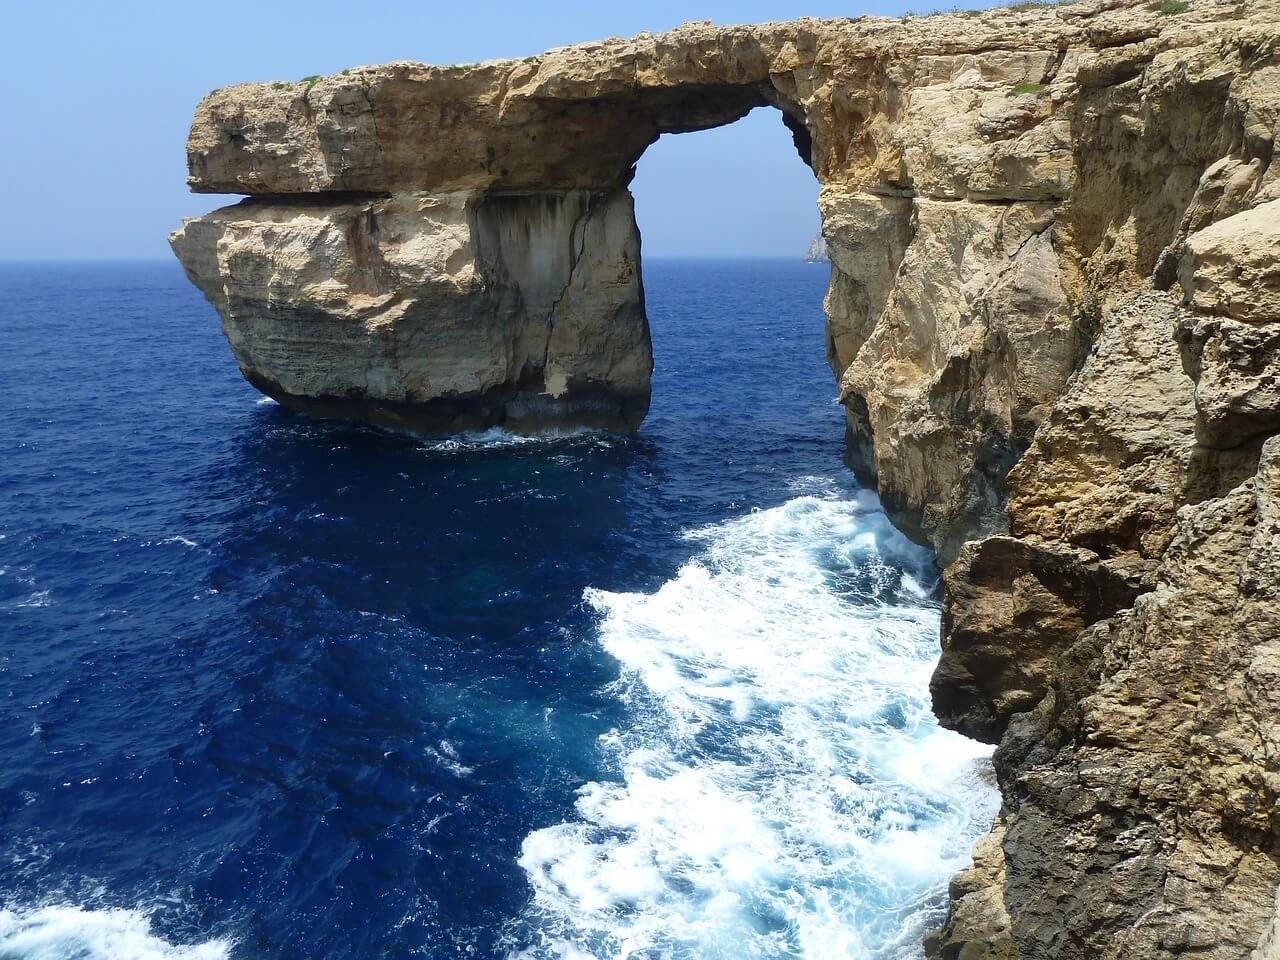 Gozo in Malta aan de zee met blauw water